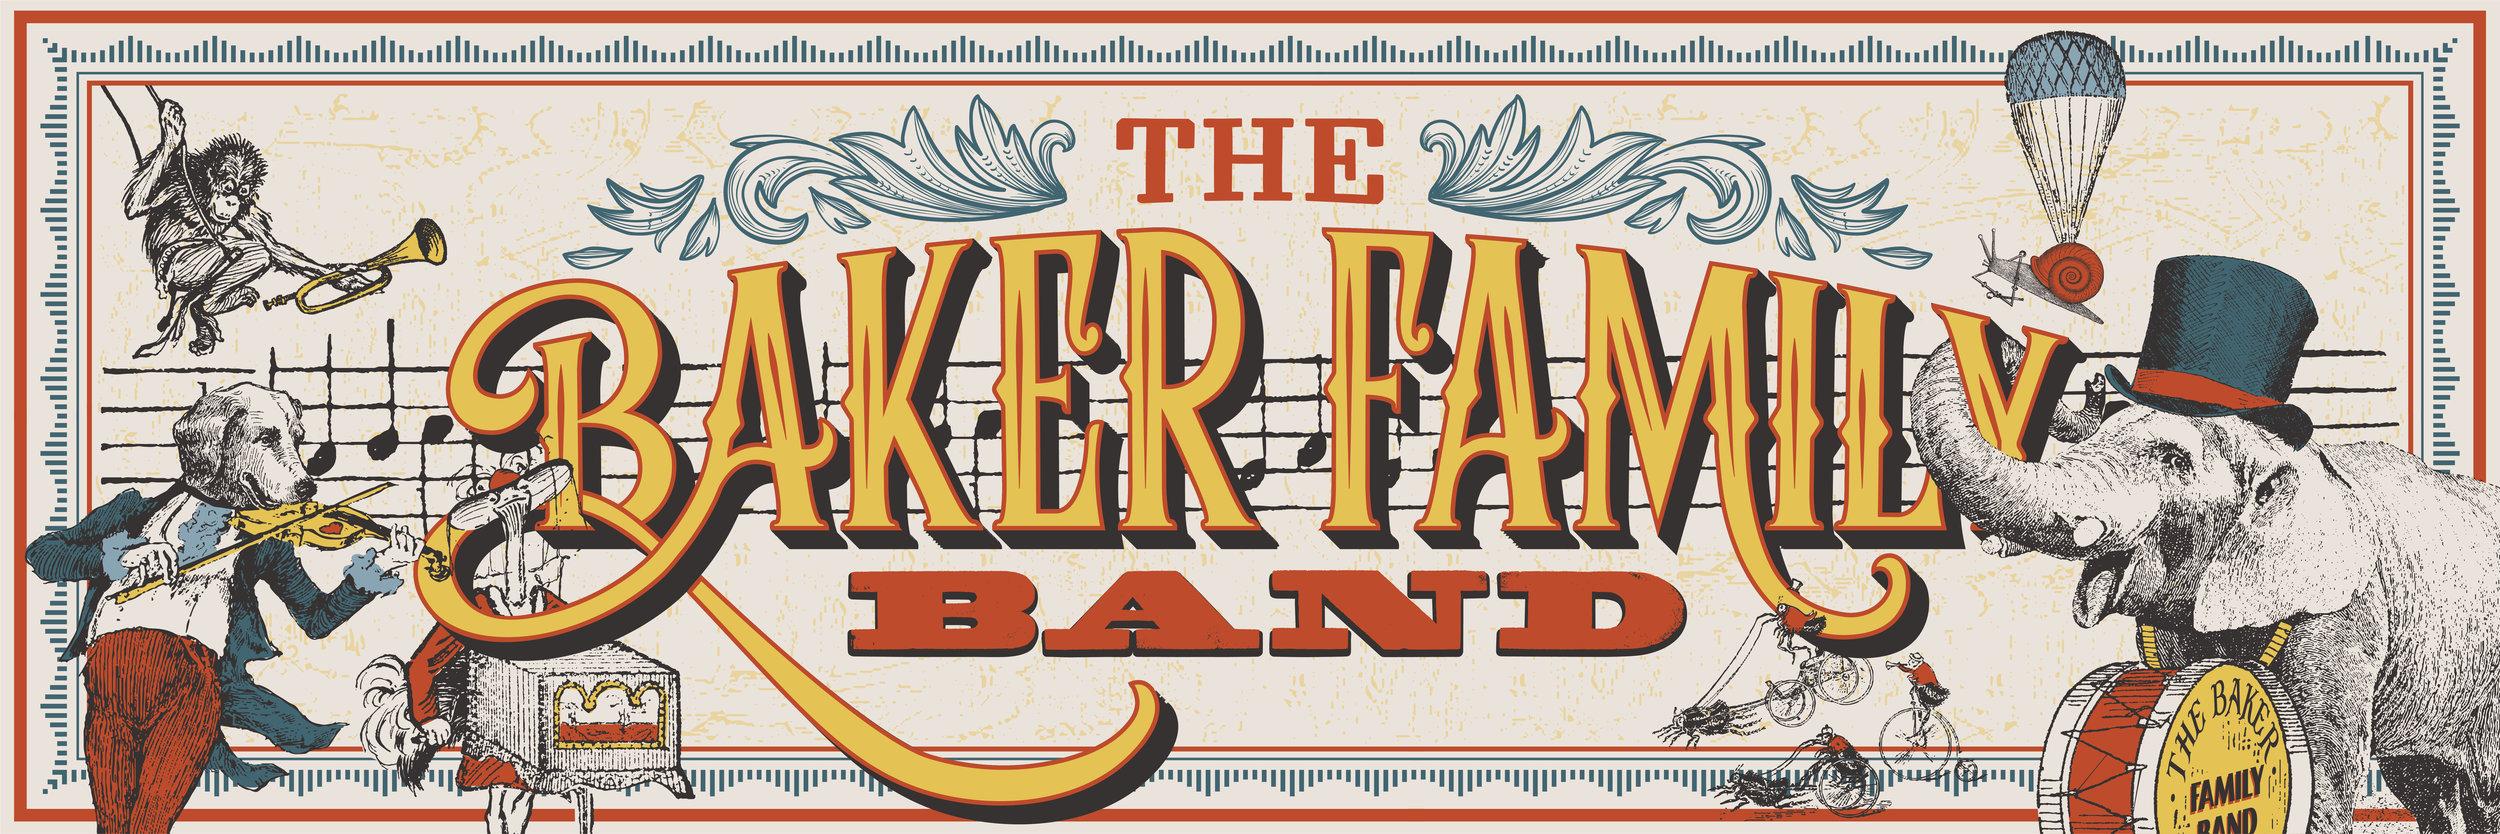 Erick Baker Music - 2018 Pledge - Twitter Banner.jpg